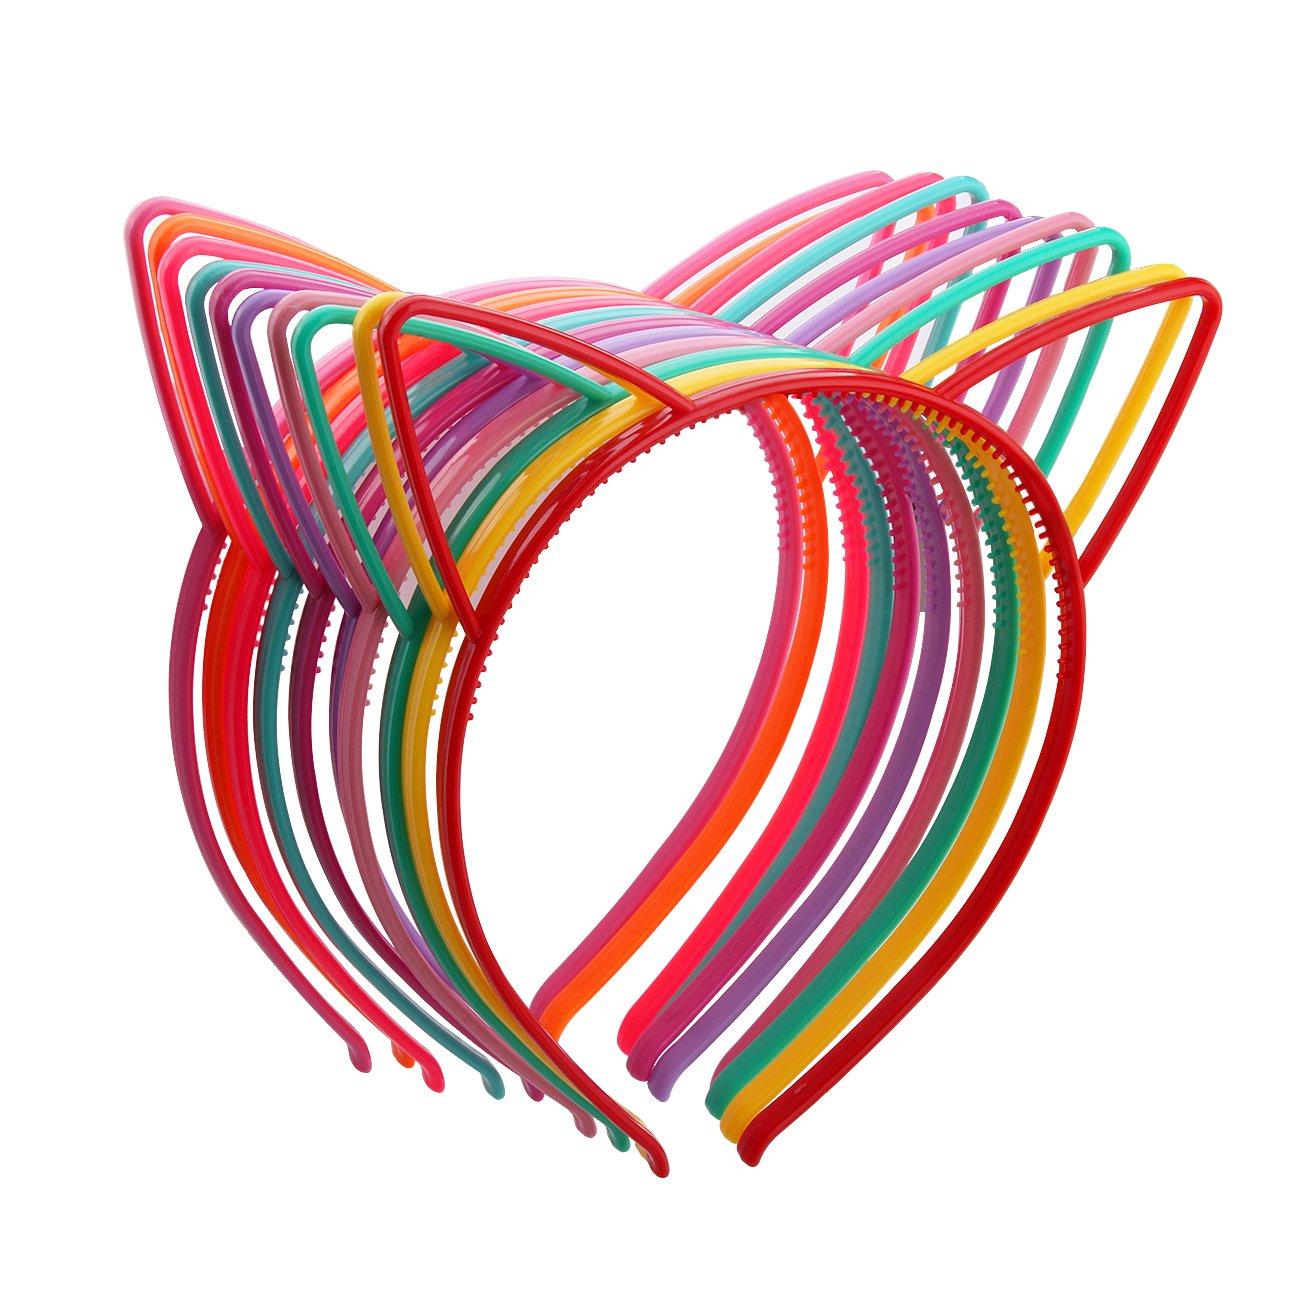 Candygirl 10 pezzi Multicolore Fasce per Capelli Orecchio di Gatto Plastic per Ragazze Donne Decorazione di Festa Trucco Cerchietti Archetto Orecchio di Gatto HB-39-cat ear